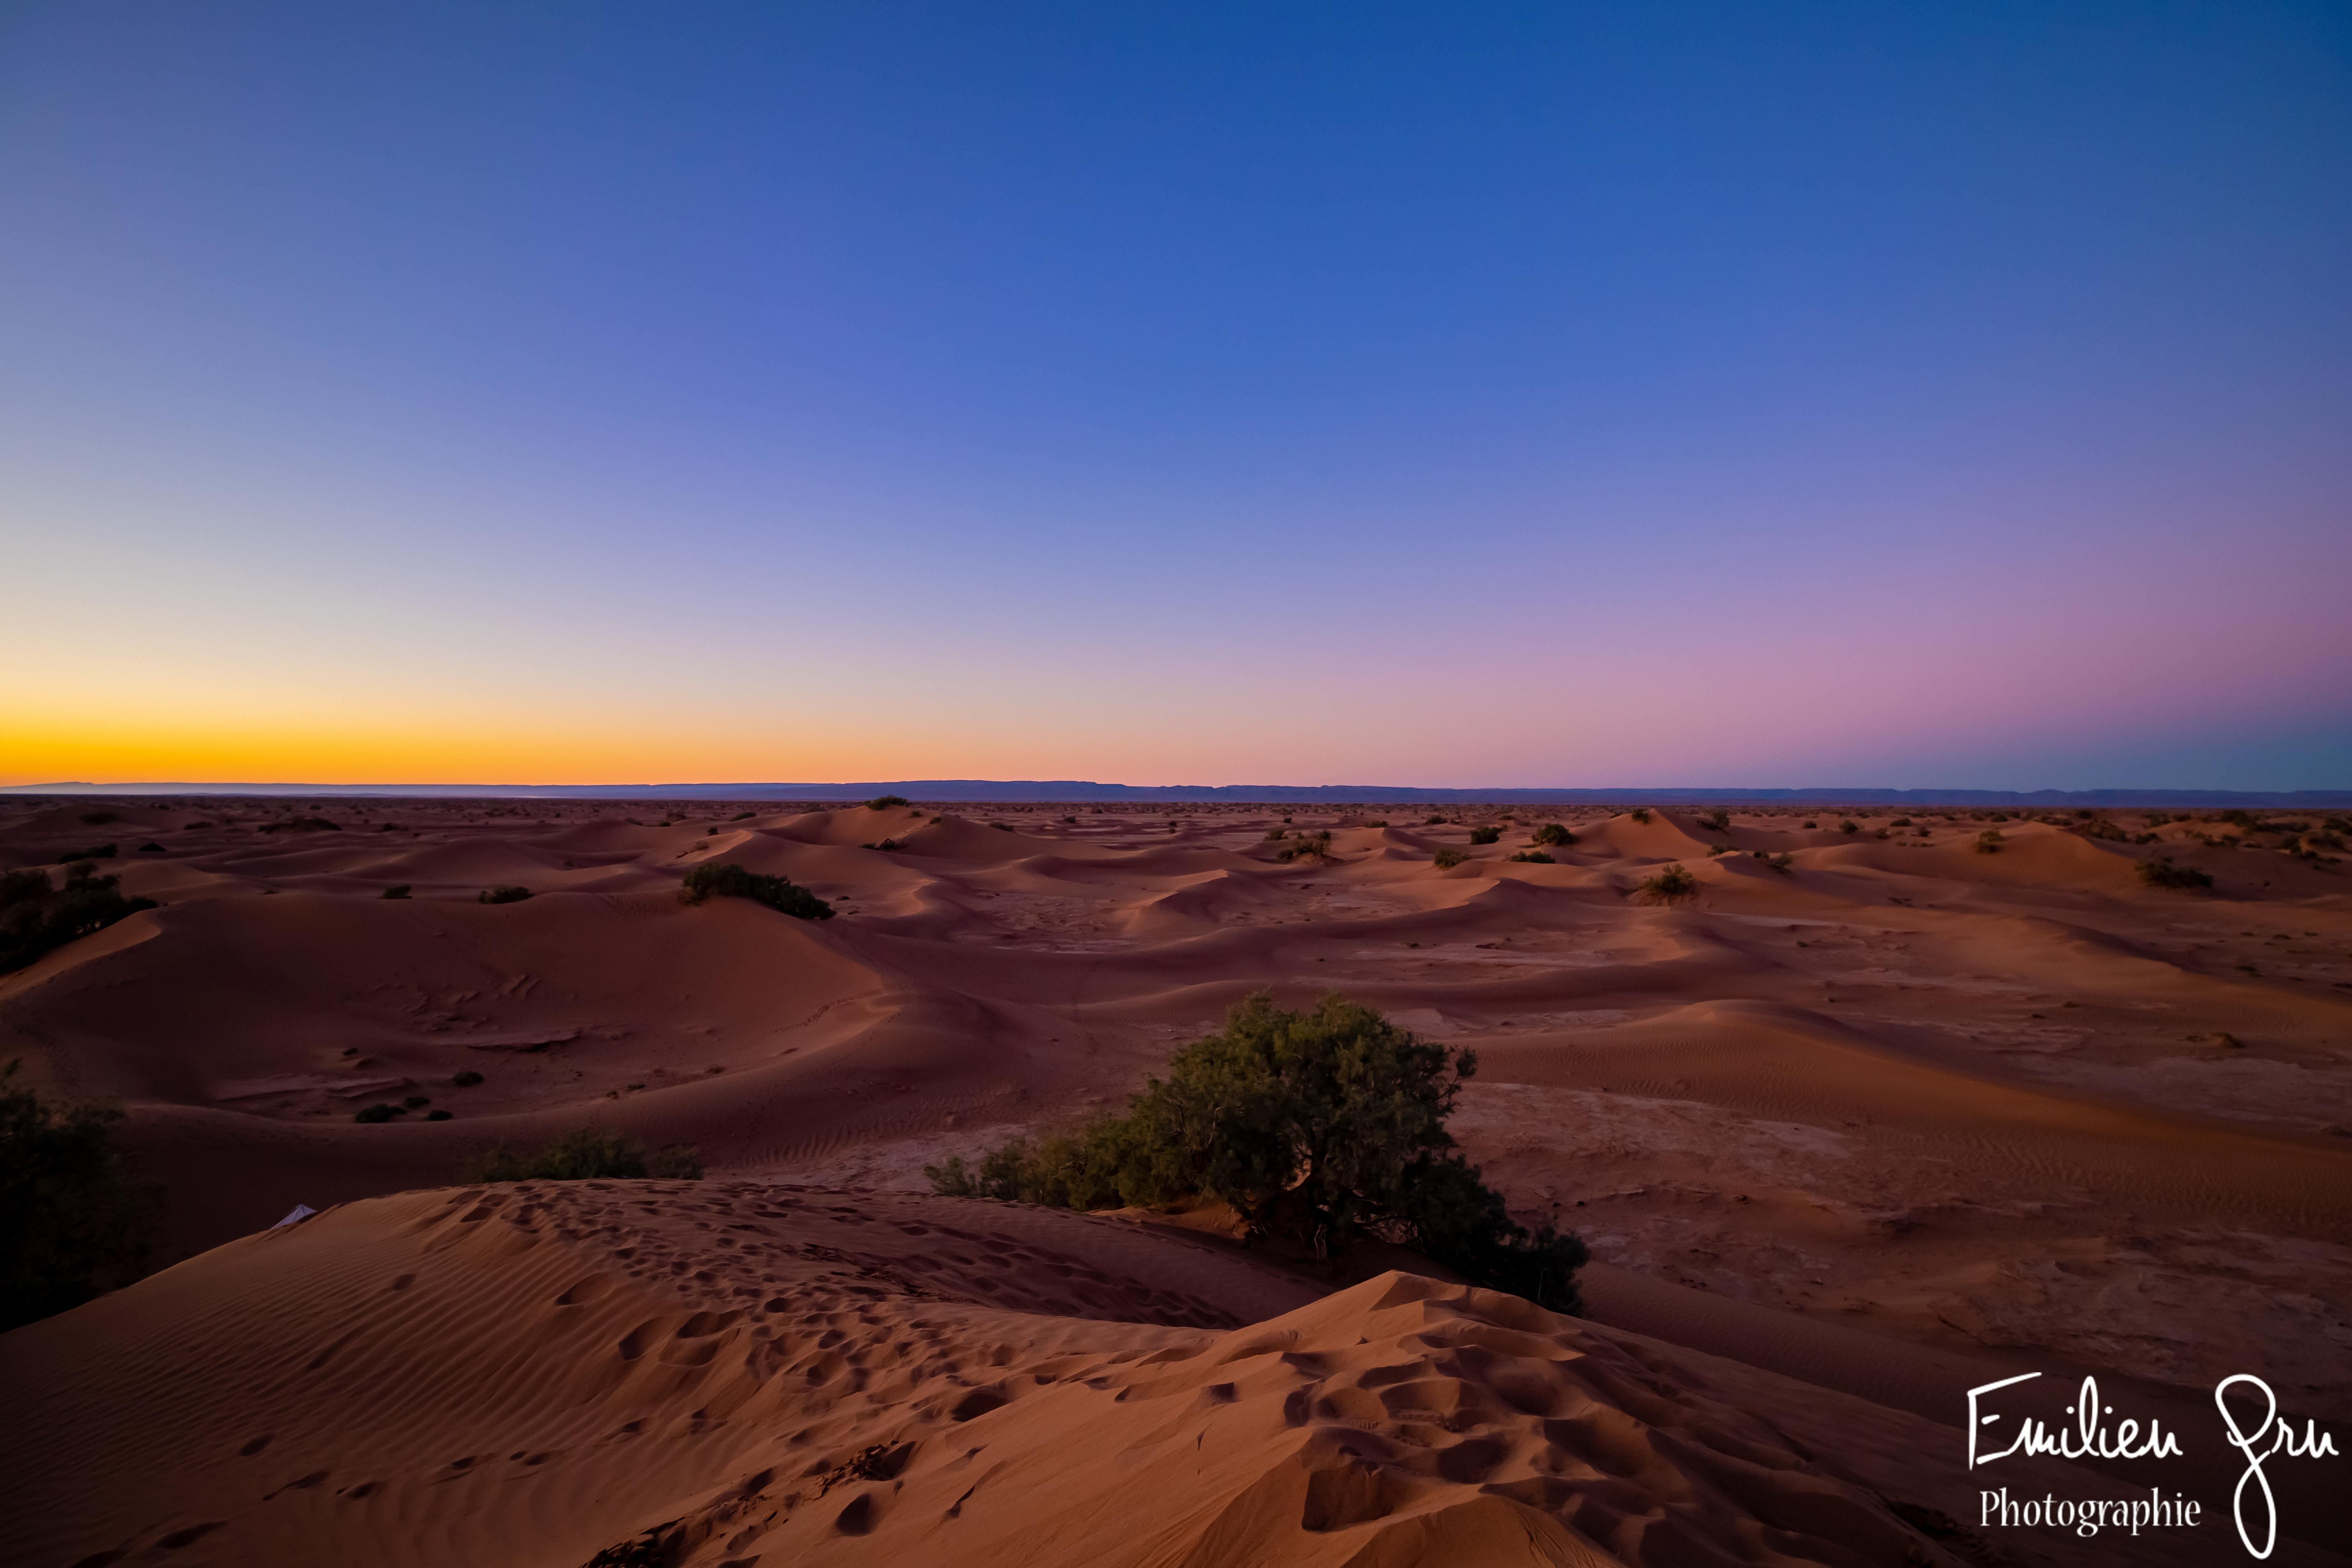 Sahara - Emilien Grn Photographie